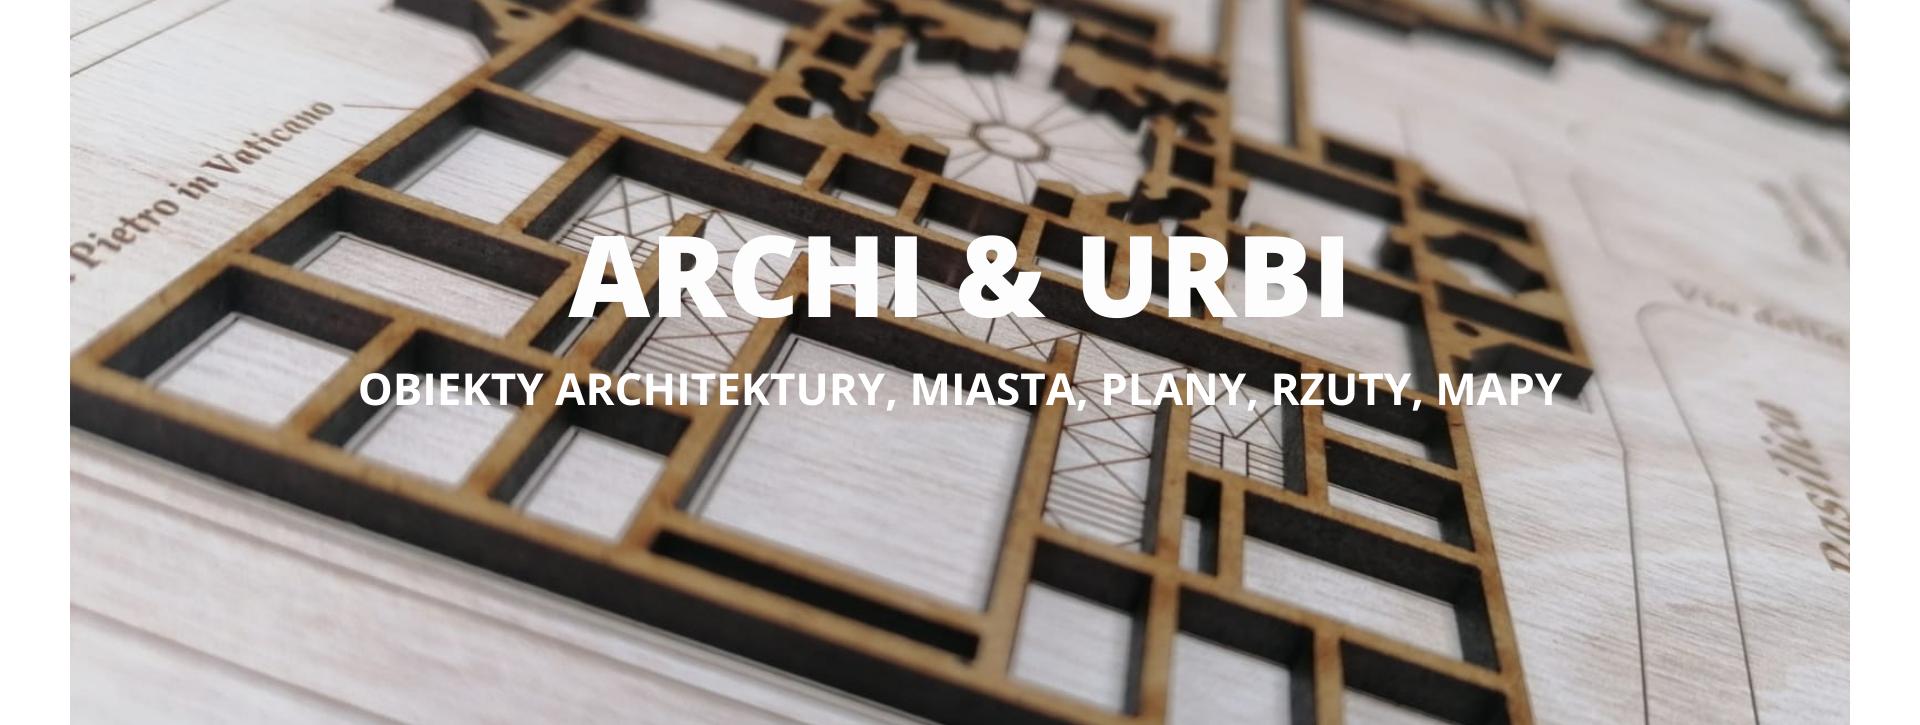 ARCHI&URBI